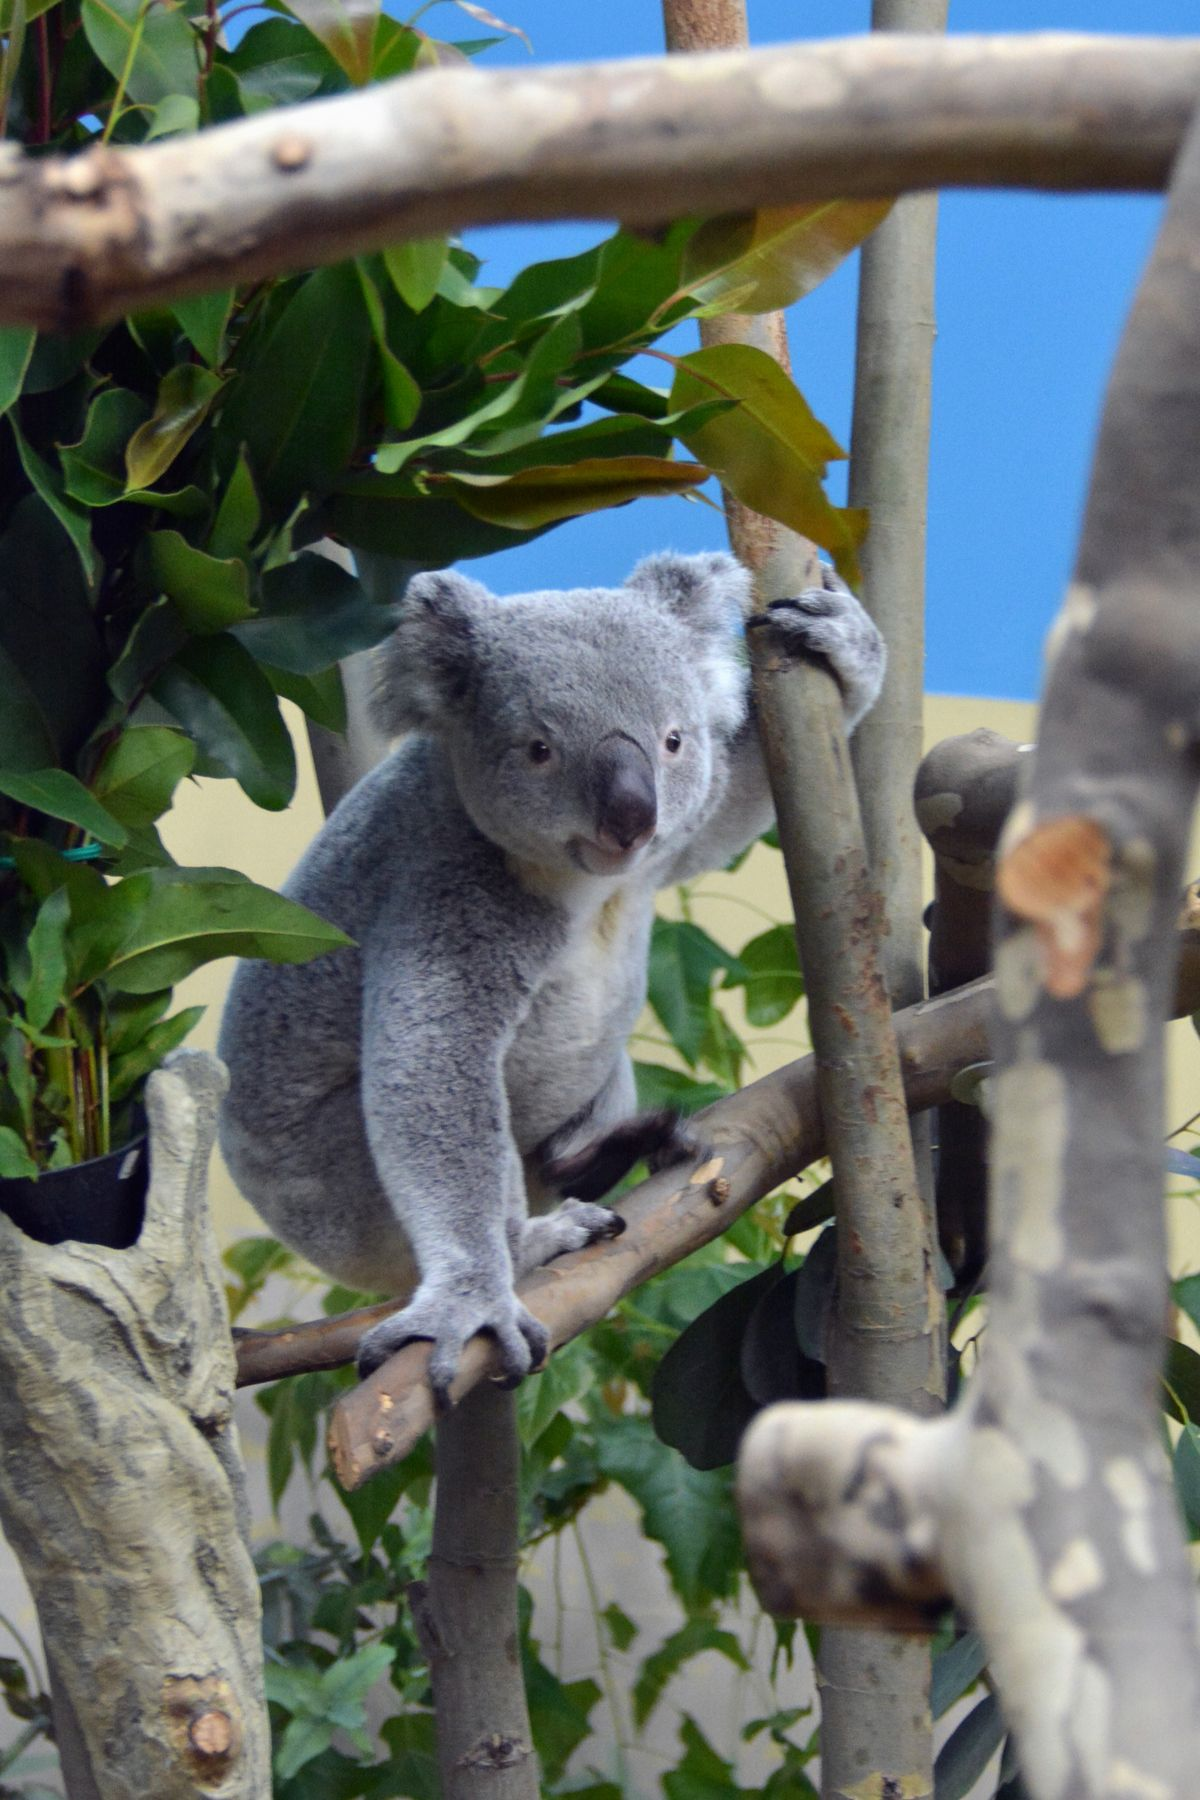 Elpusztult Vobara, a Fővárosi Állat- és Növénykert koalája